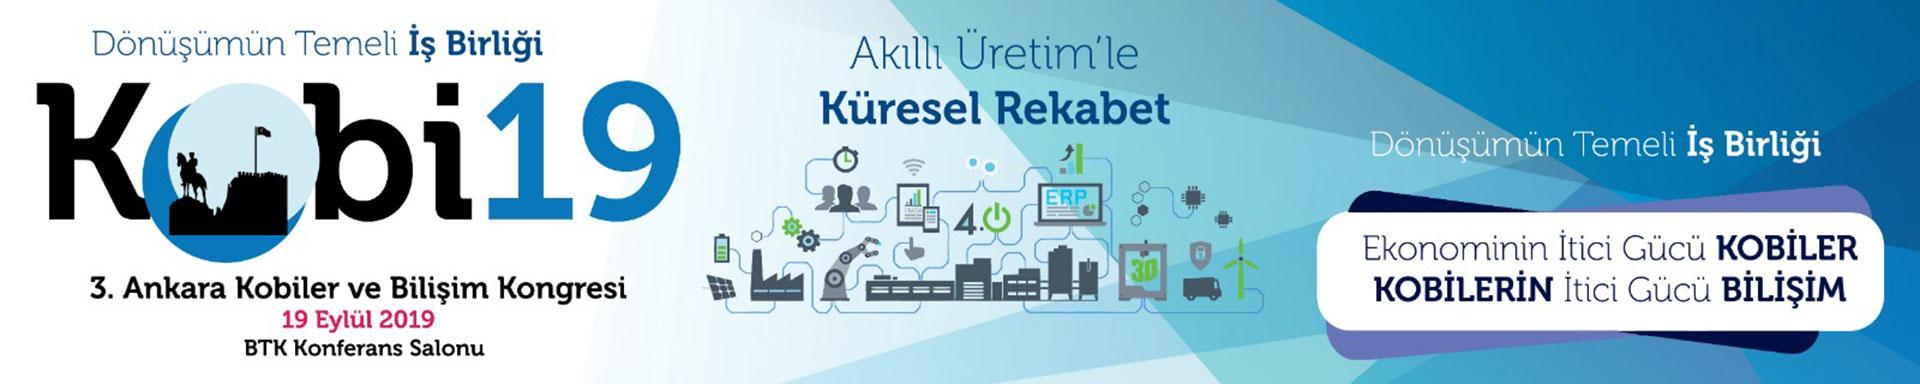 3. Ankara Kobiler ve Bilişim Kongresi 2019